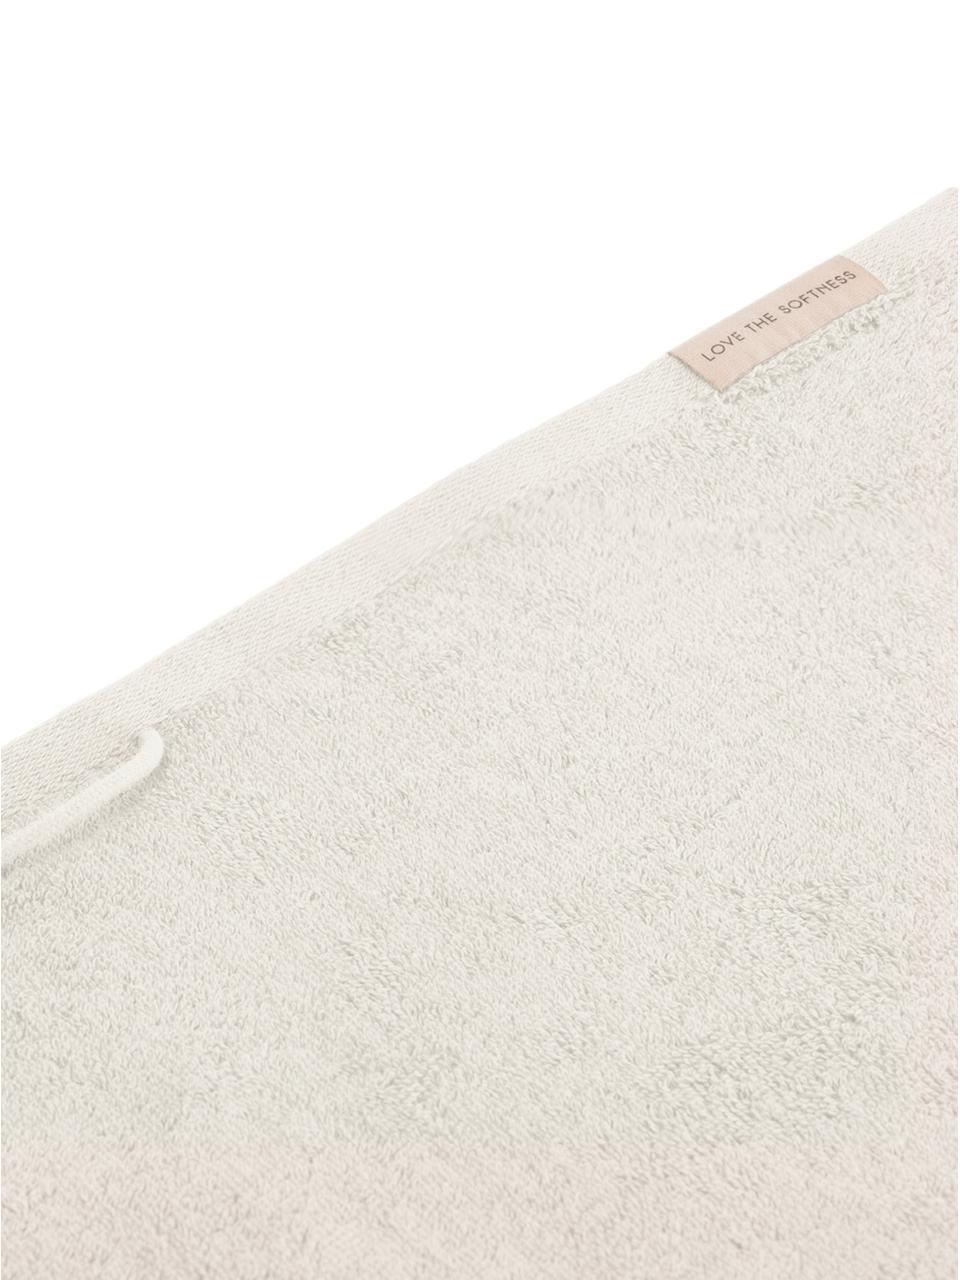 Handtuch Soft Cotton, verschiedene Größen, Hellbeige, Gästehandtuch